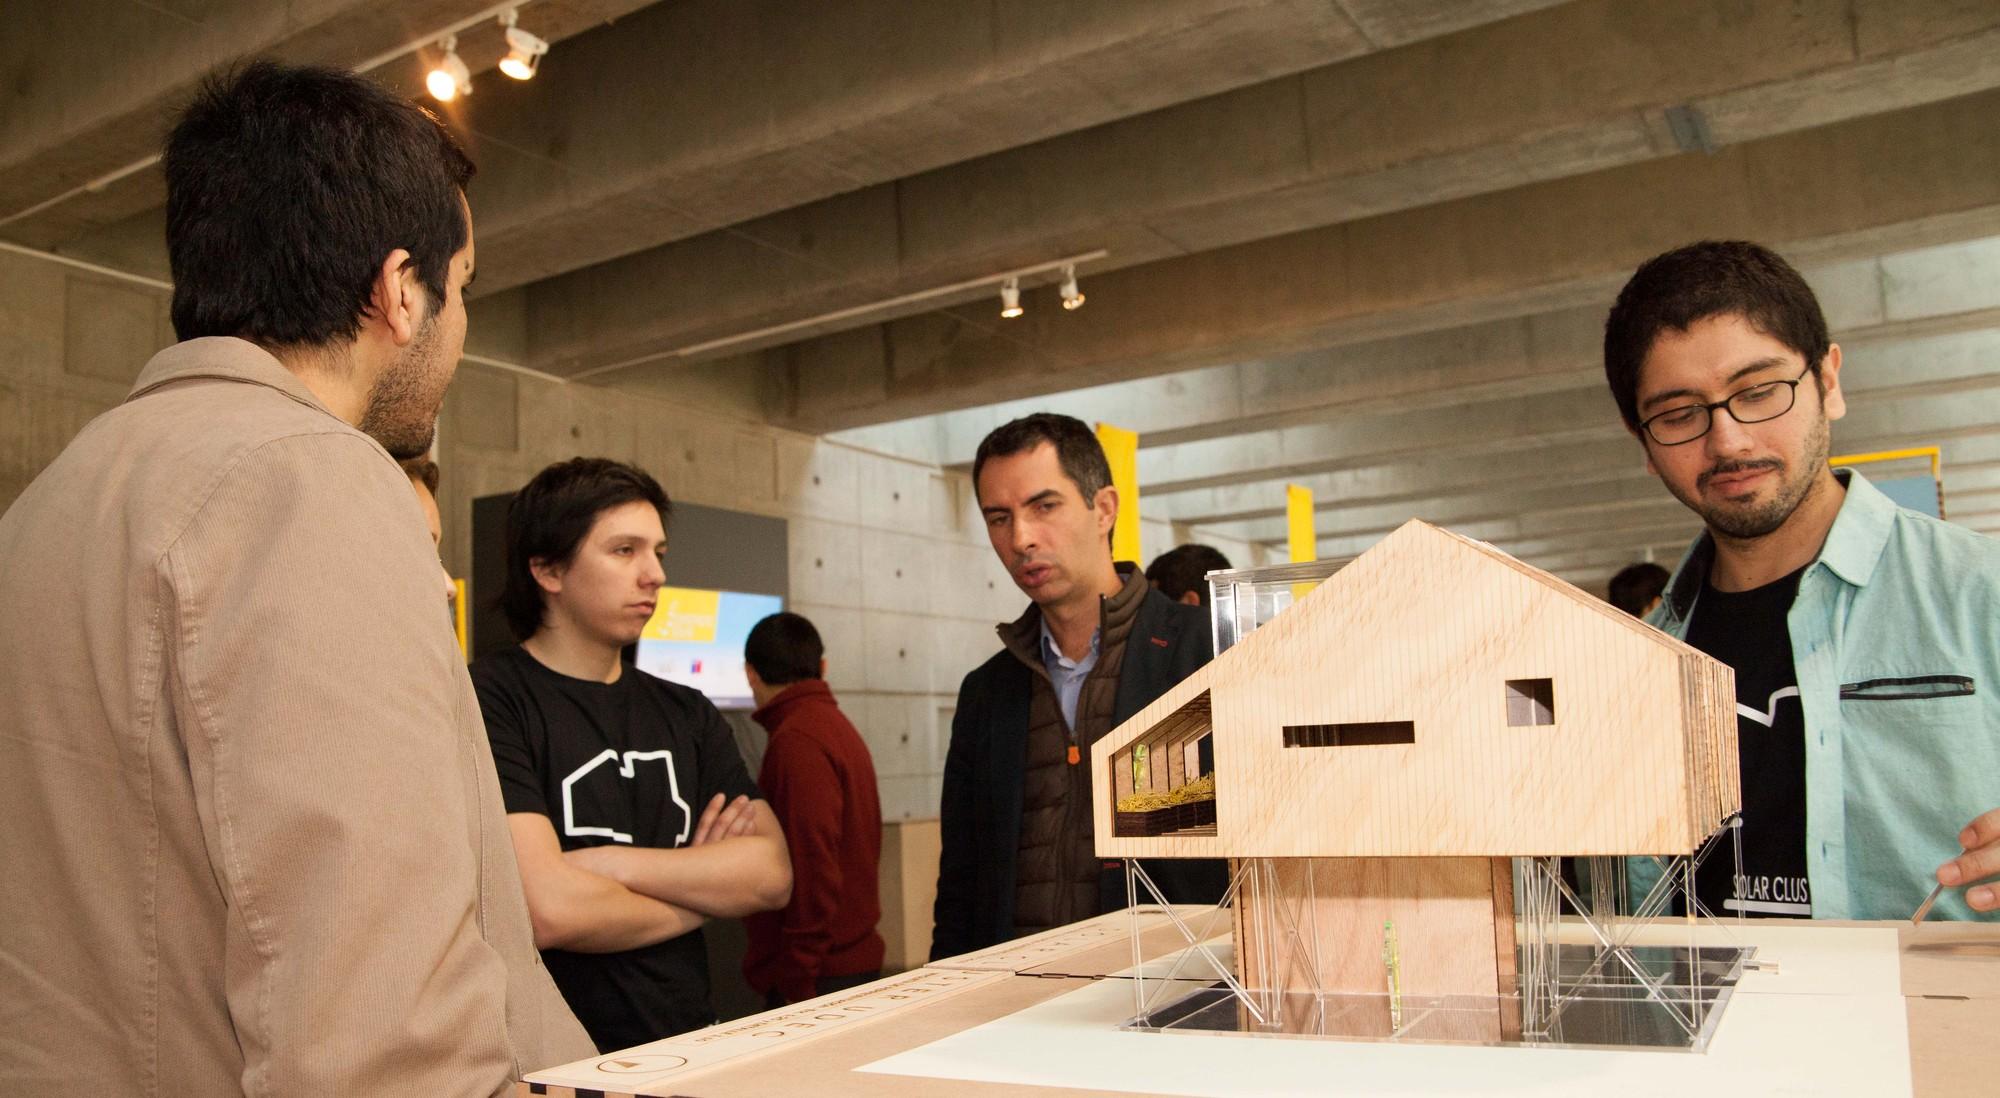 Construirán diez prototipos de viviendas económicas sustentables en Santiago, Cortesia de Construye Solar